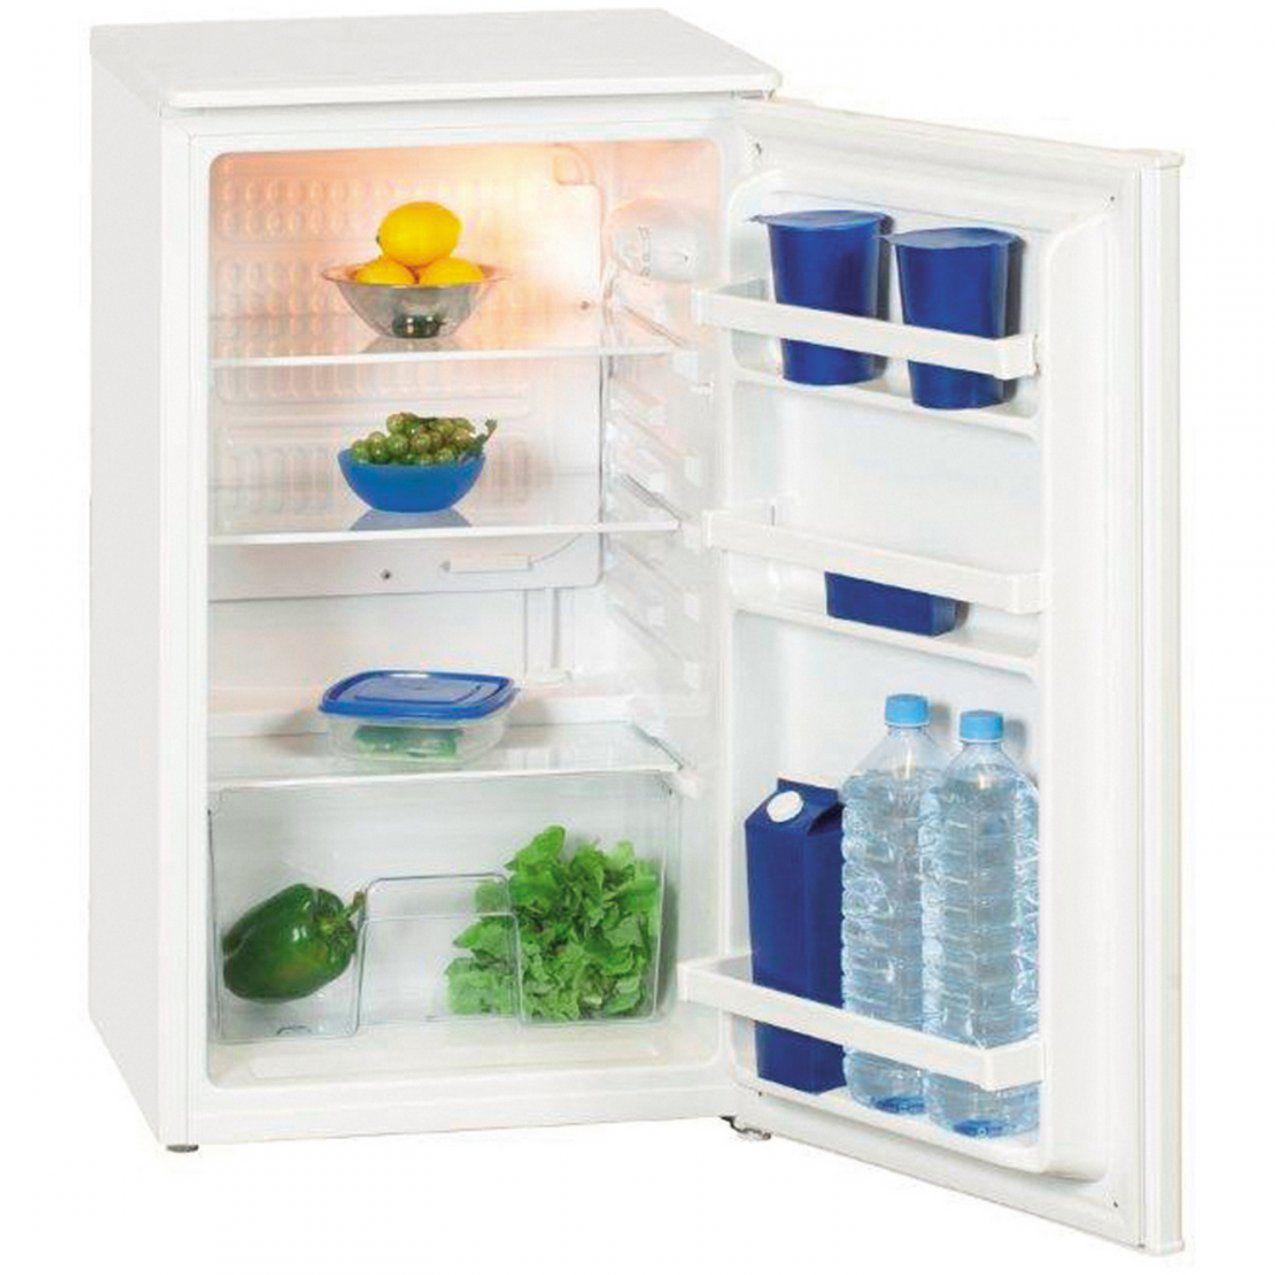 Kühlschrank 40 Cm Breit von Kühlschrank Schmal 40 Cm Photo